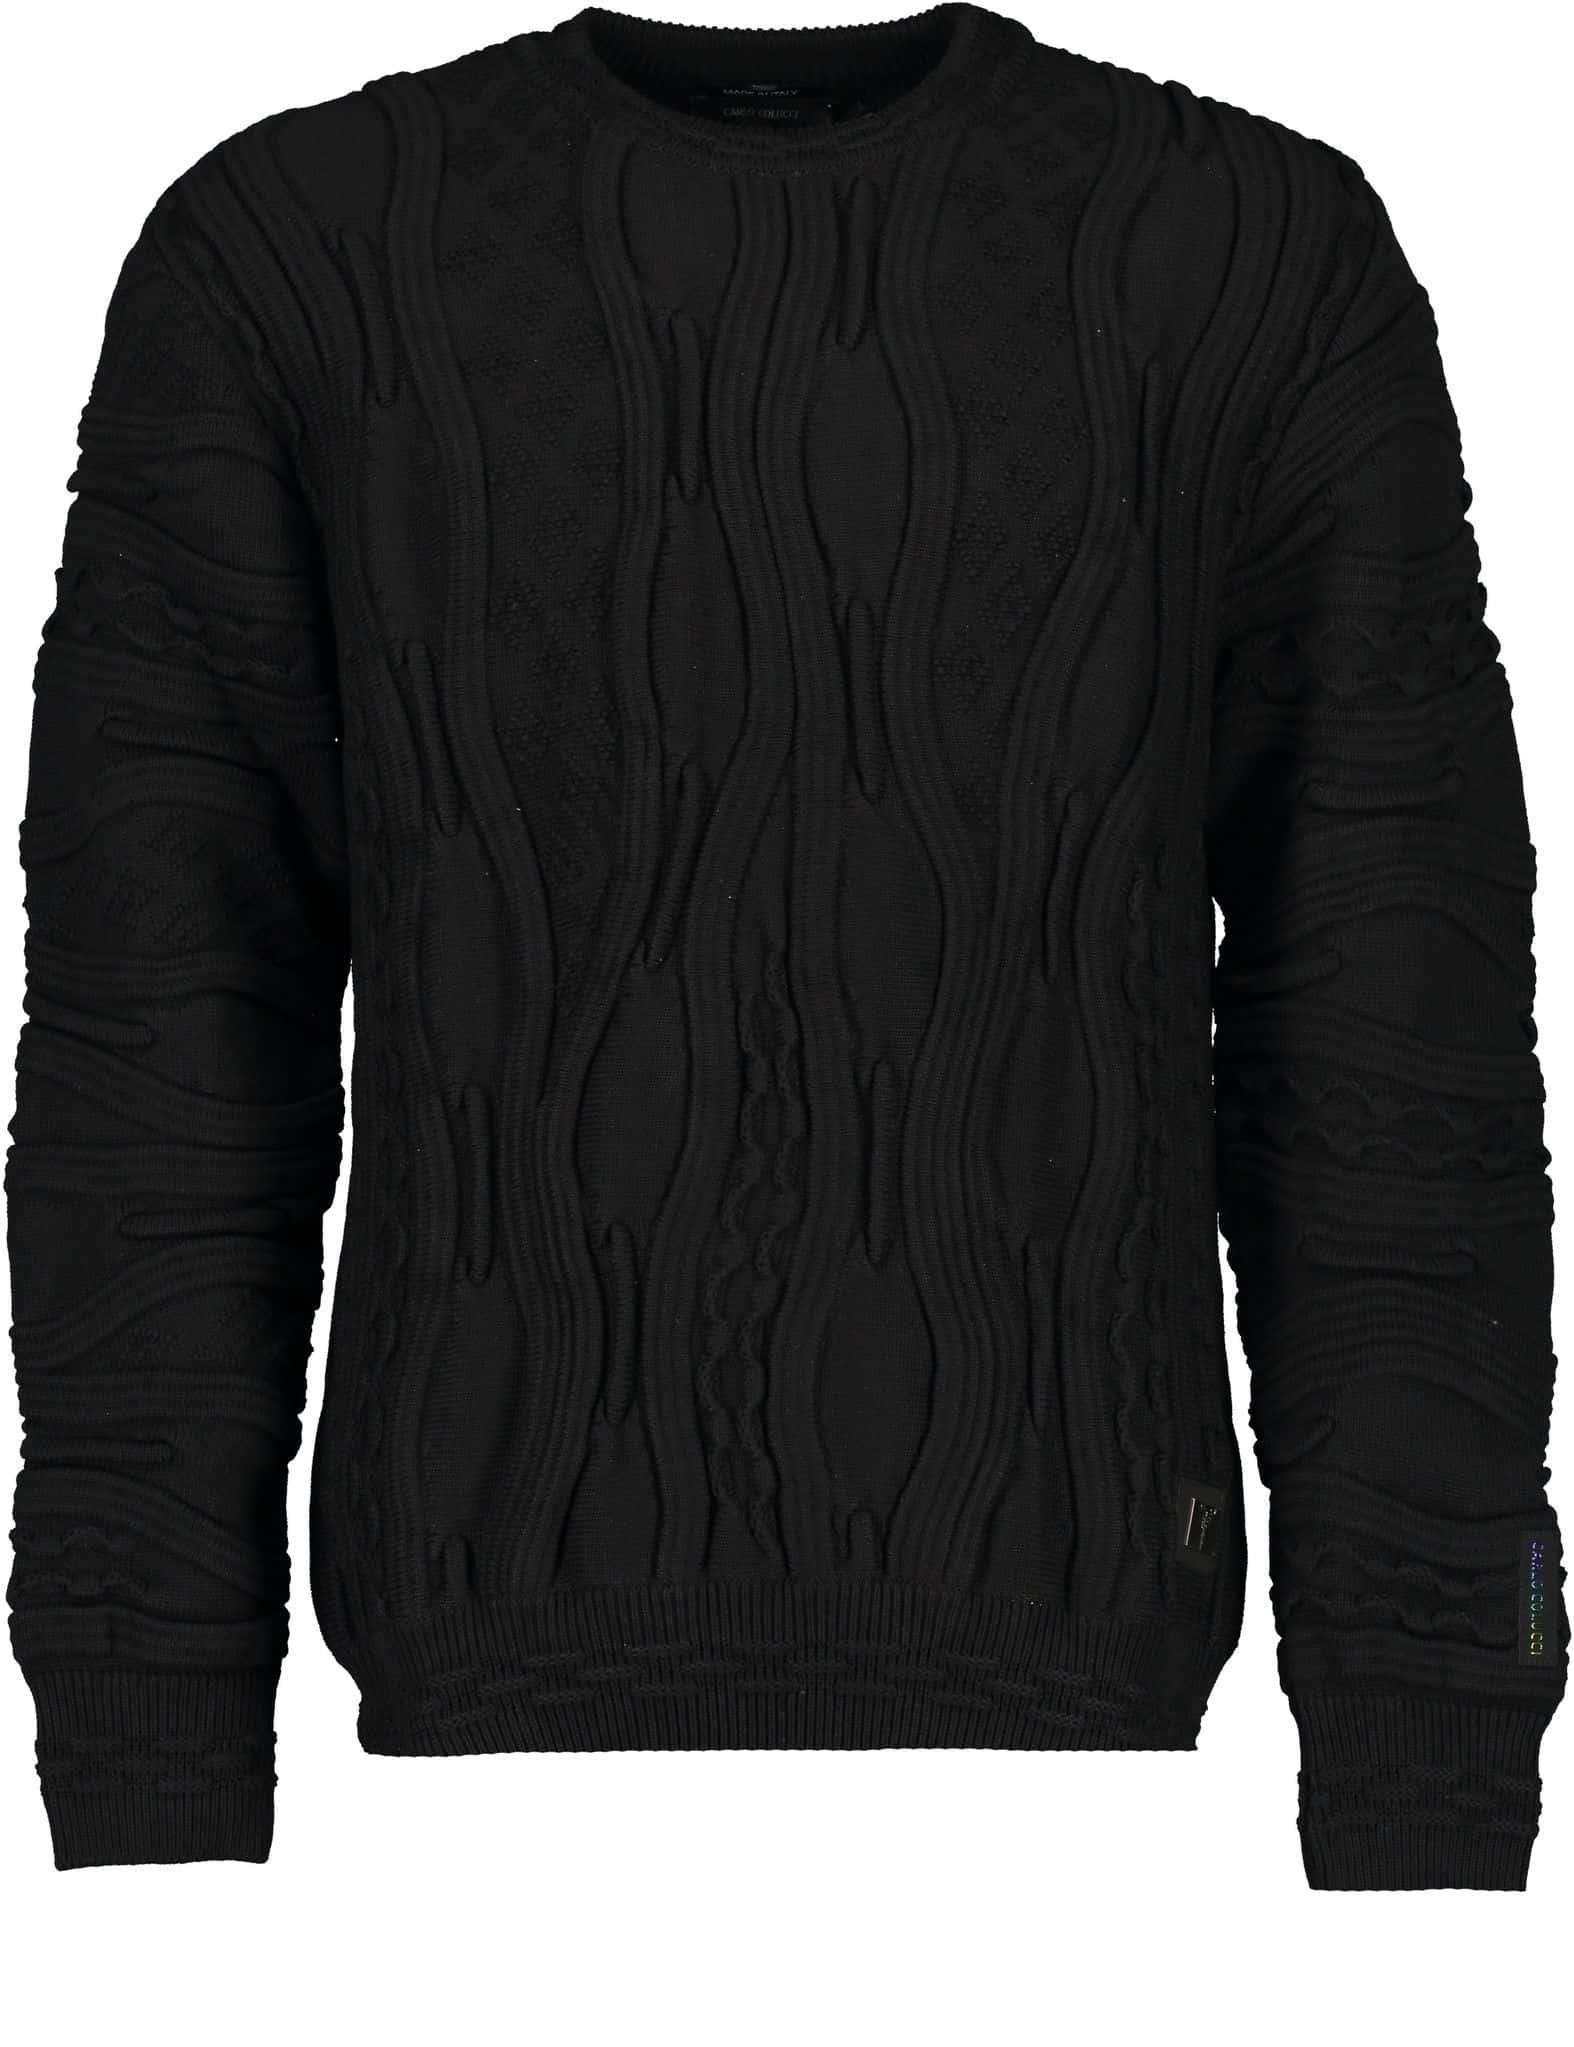 Carlo Colucci Sweater C10903 Black